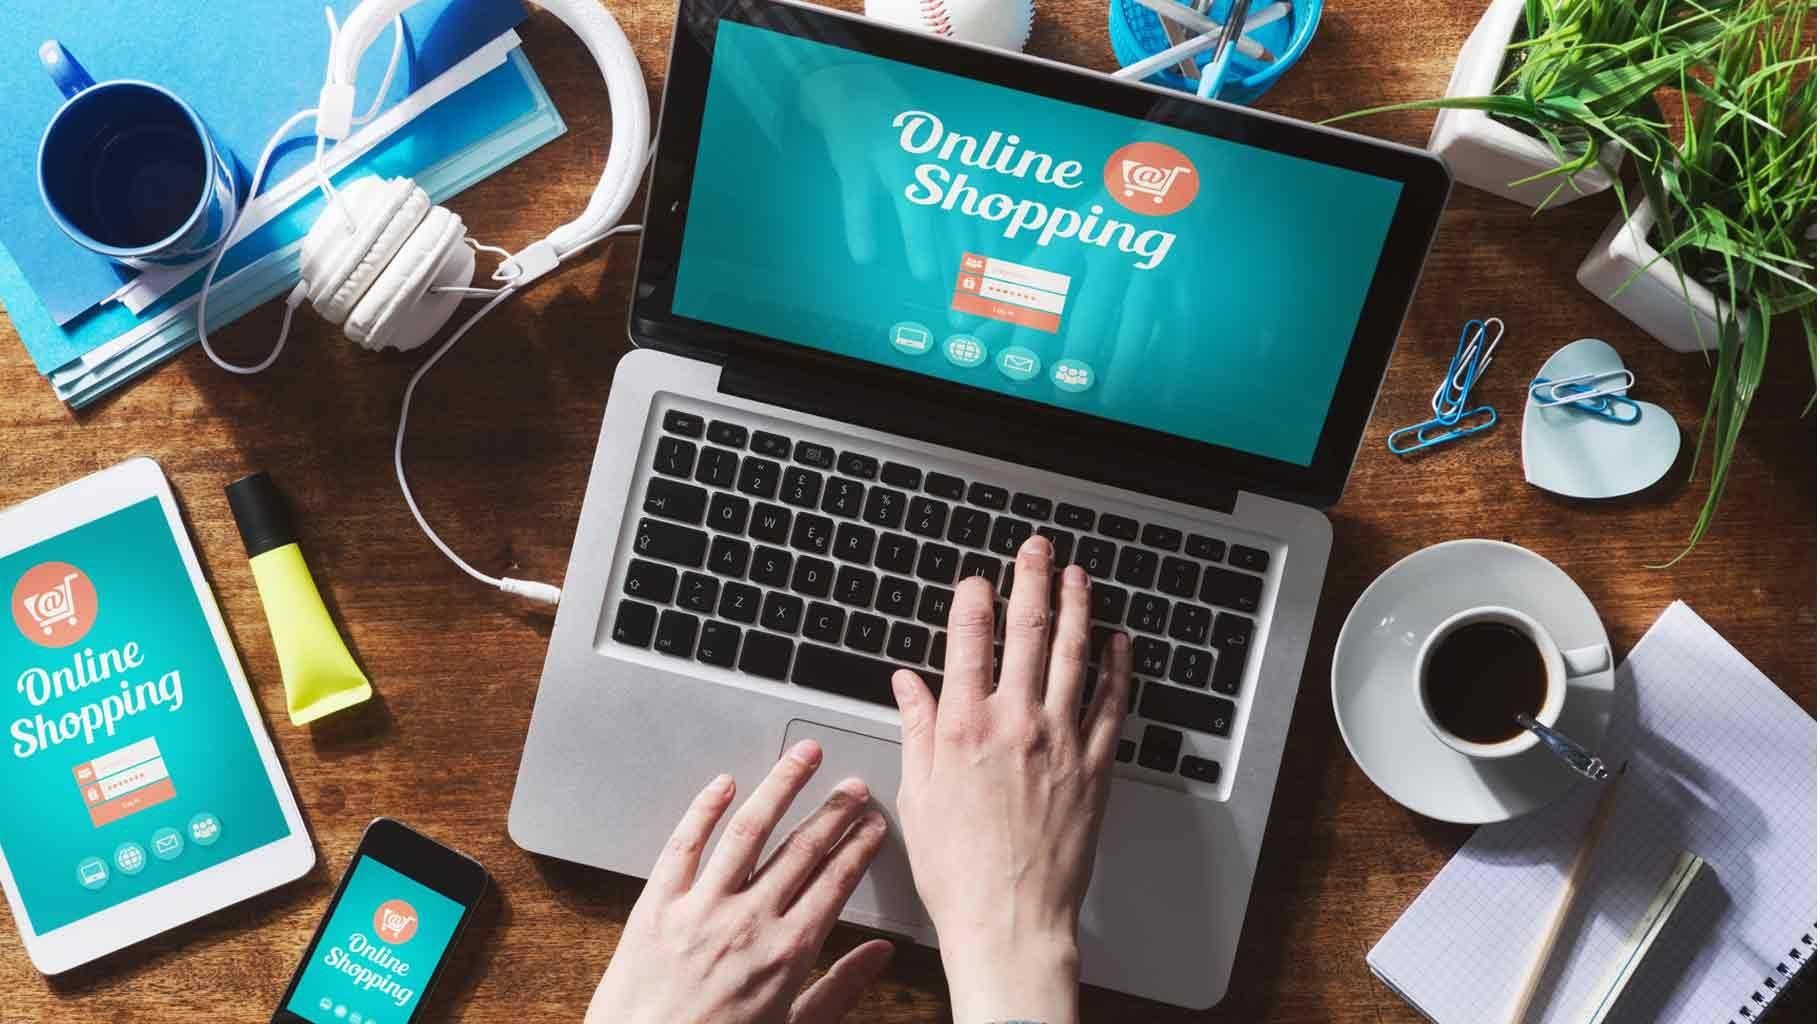 Công nghệ khiến việc mua sắm của bạn trở nên dễ dàng hơn. Hình: Sưu tầm